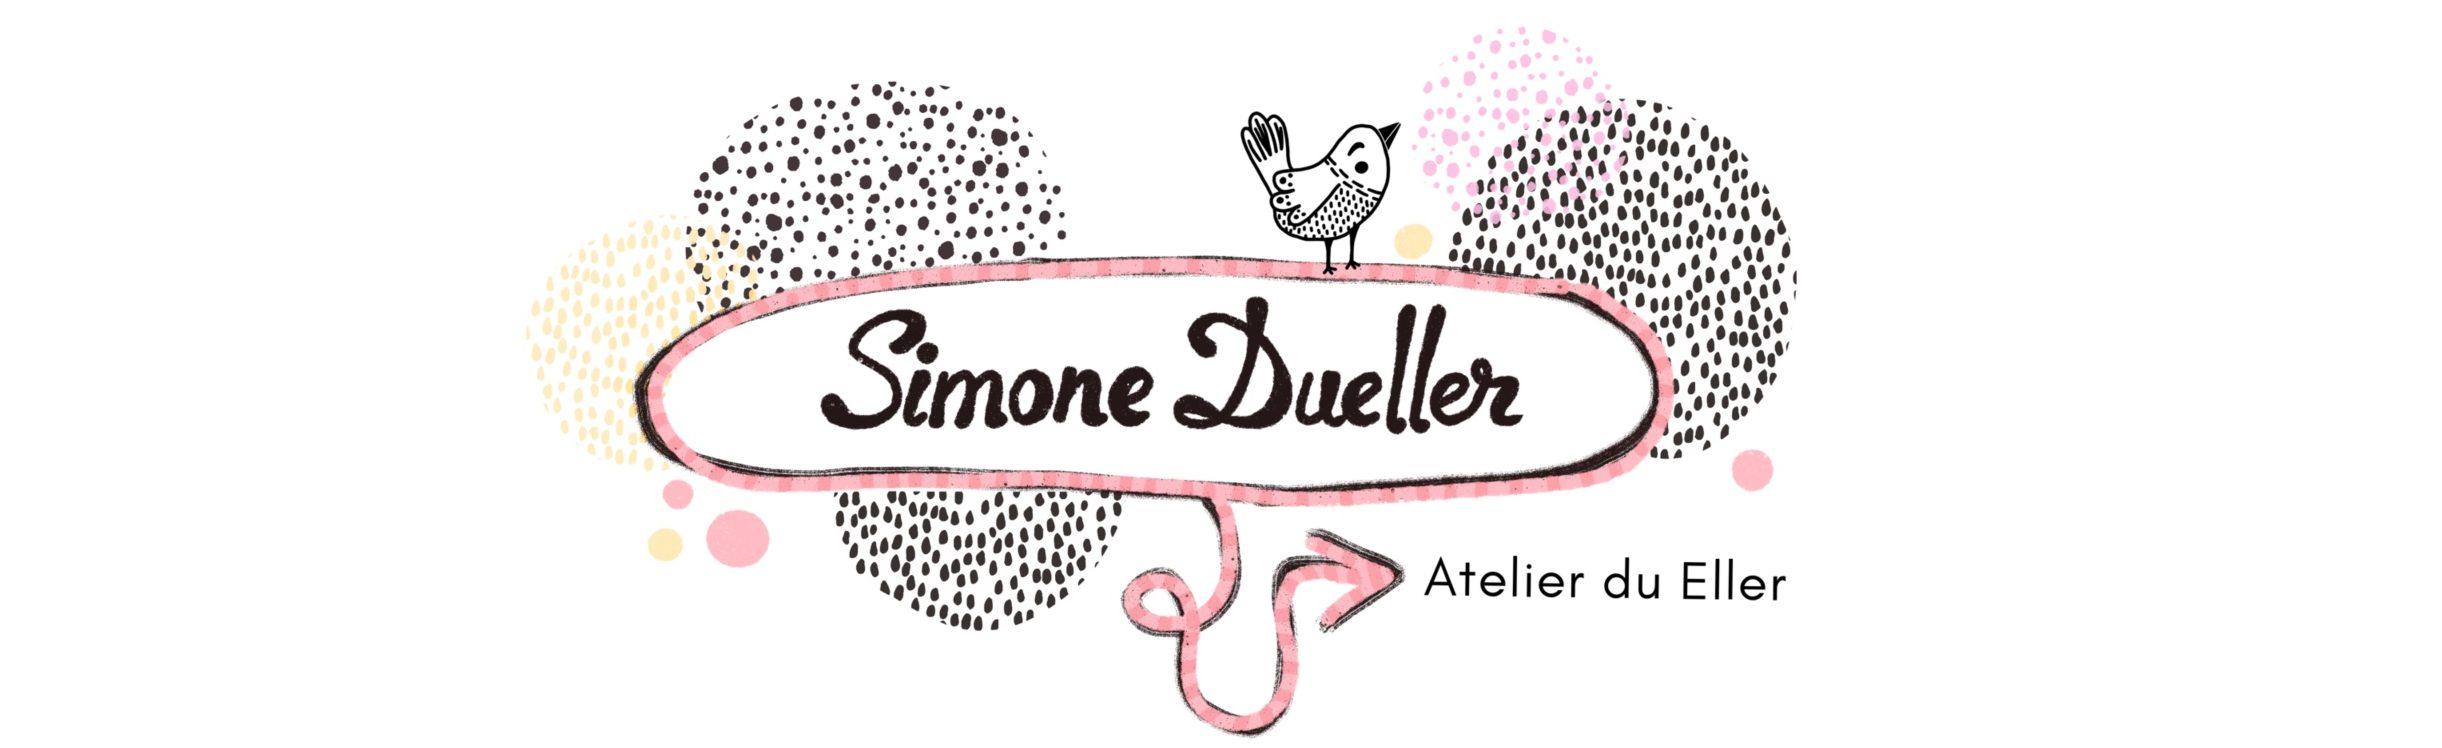 Simone Dueller